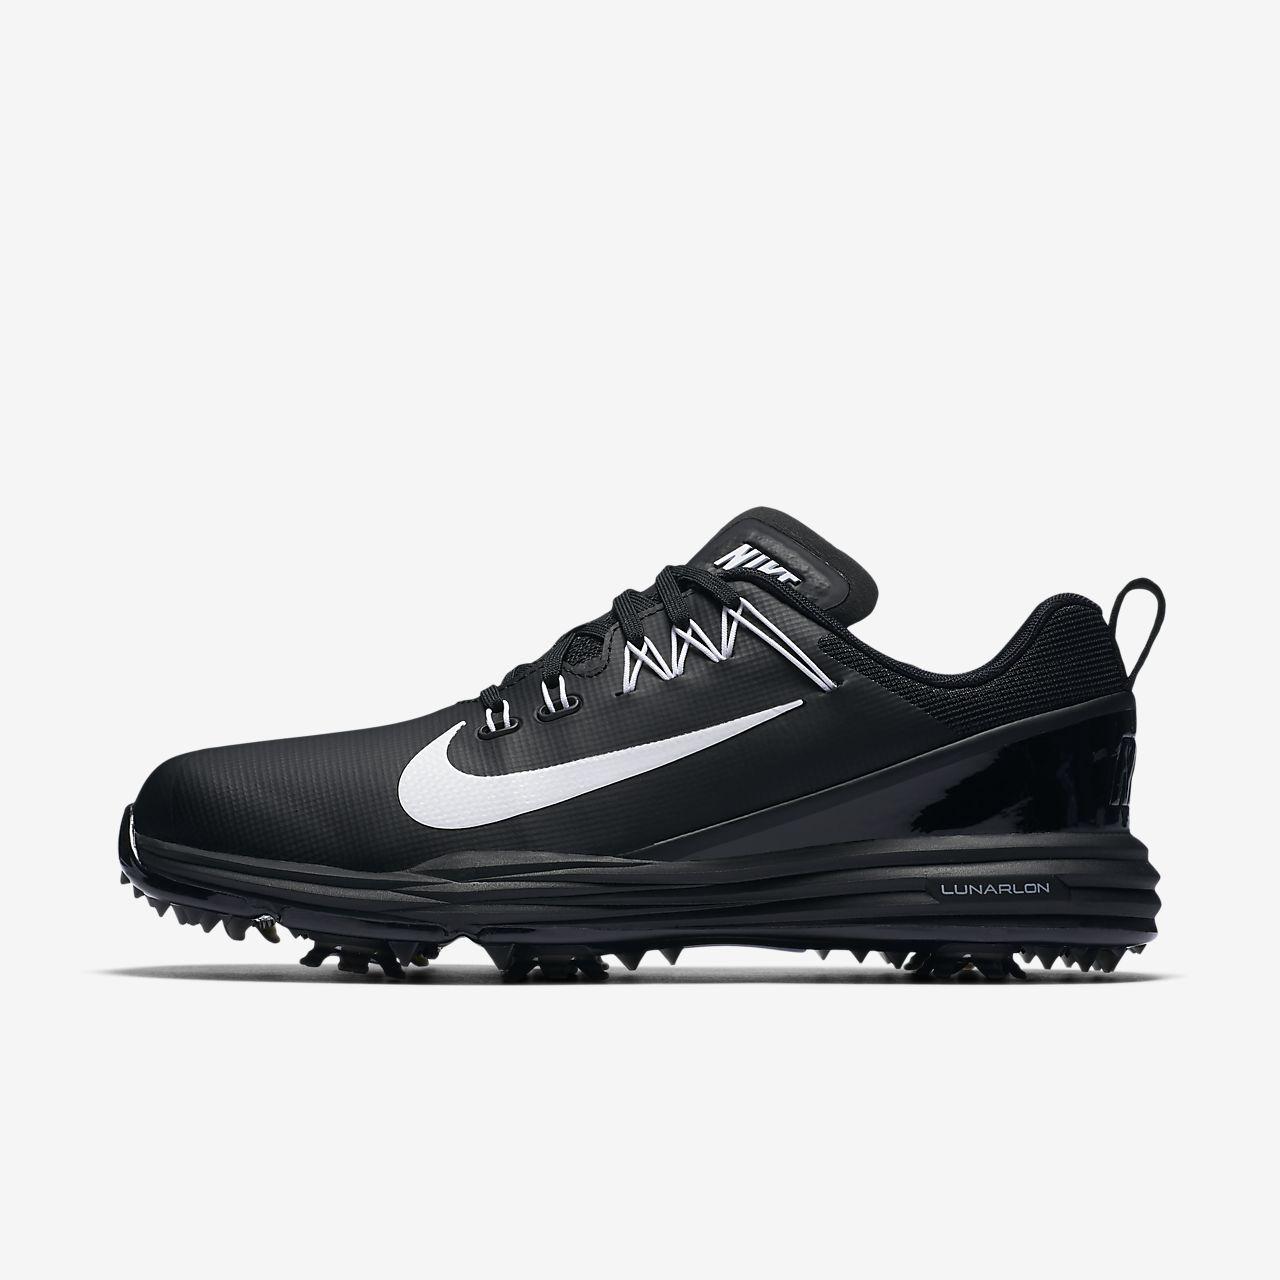 Golfsko Nike Lunar Command 2 för kvinnor